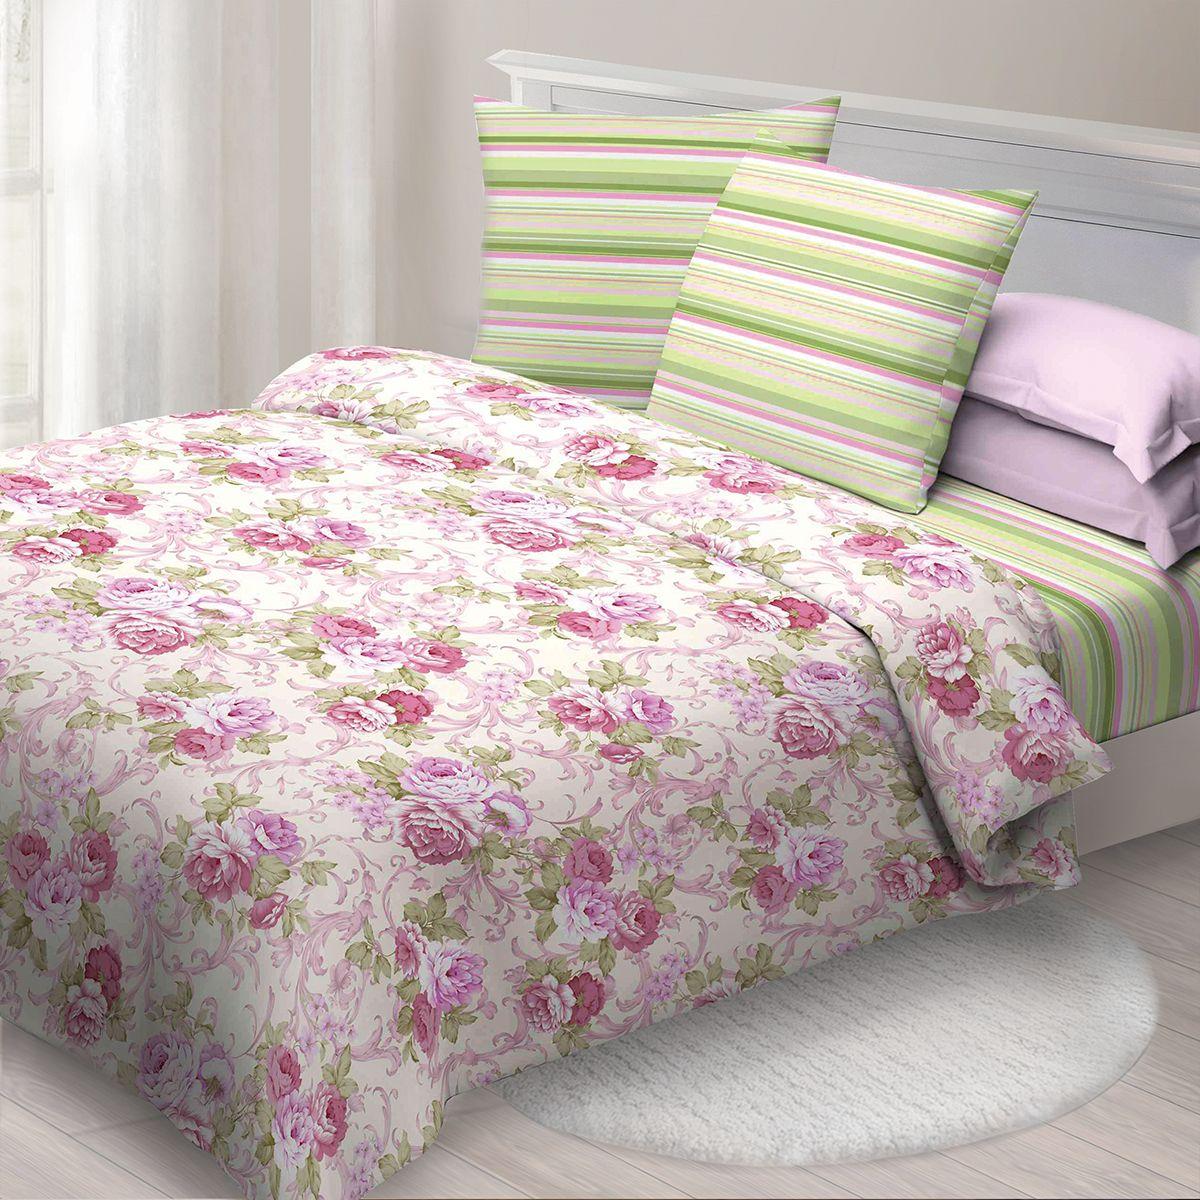 Комплект белья Спал Спалыч Марибэль, семейный, наволочки 70x70, цвет: розовый. 1950-184204